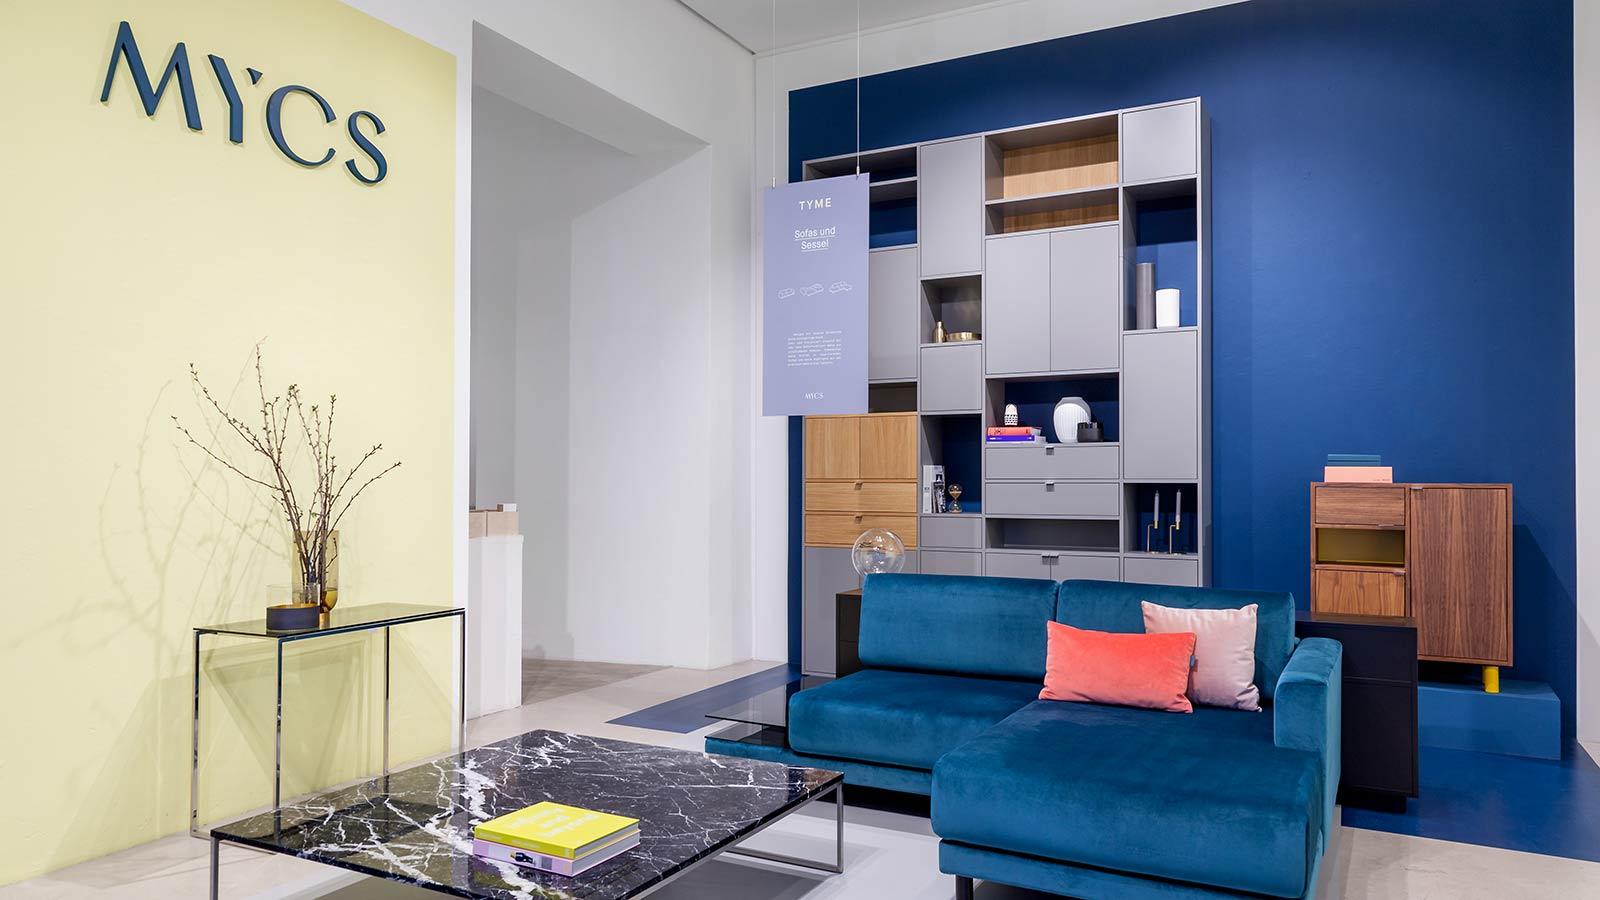 ber uns mycs mycs schweiz. Black Bedroom Furniture Sets. Home Design Ideas